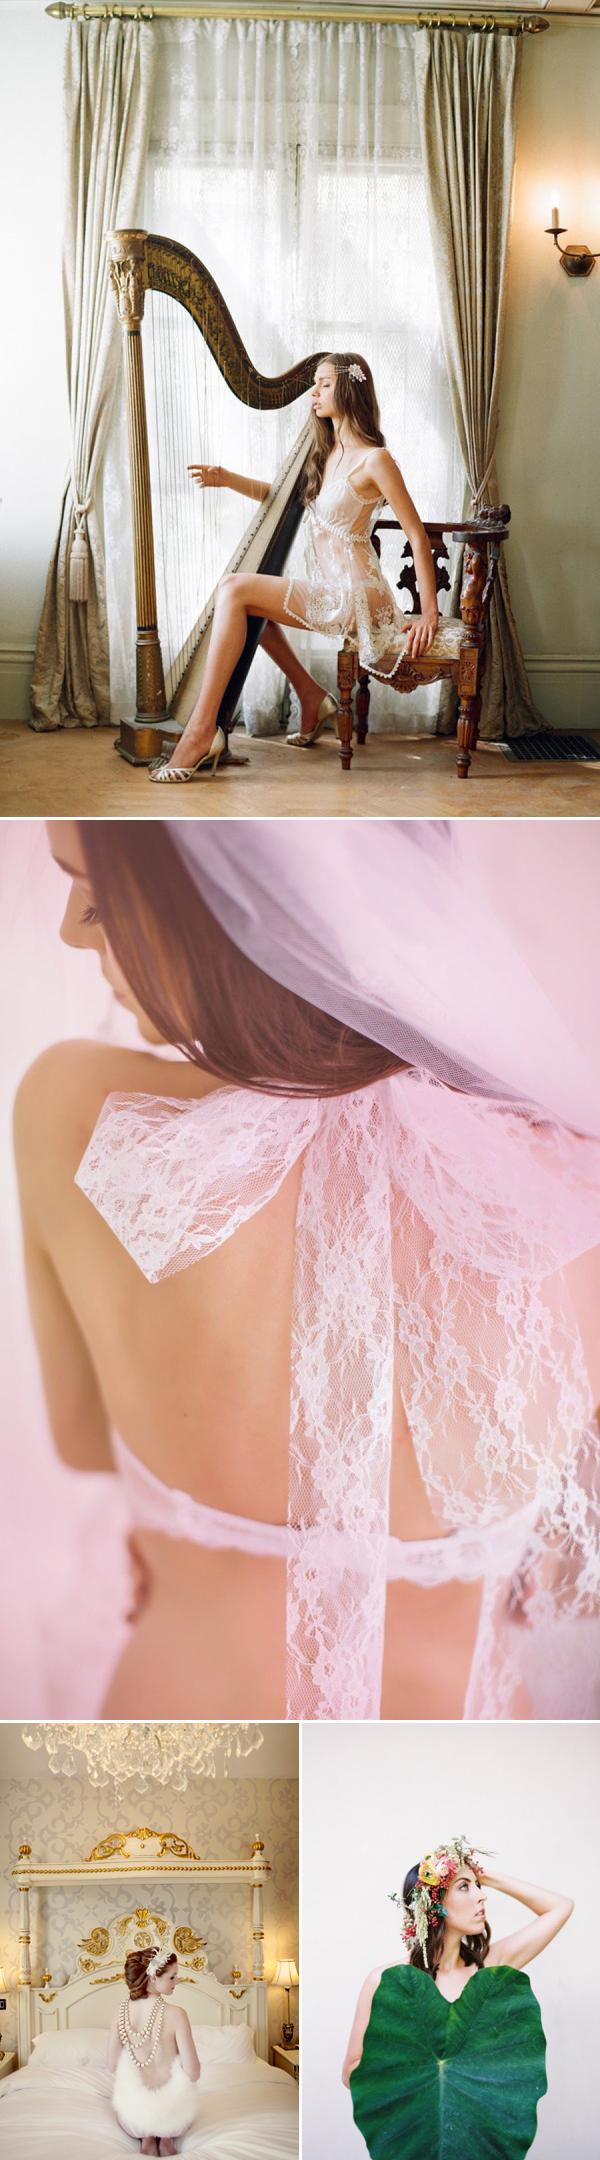 boudoir02-creative